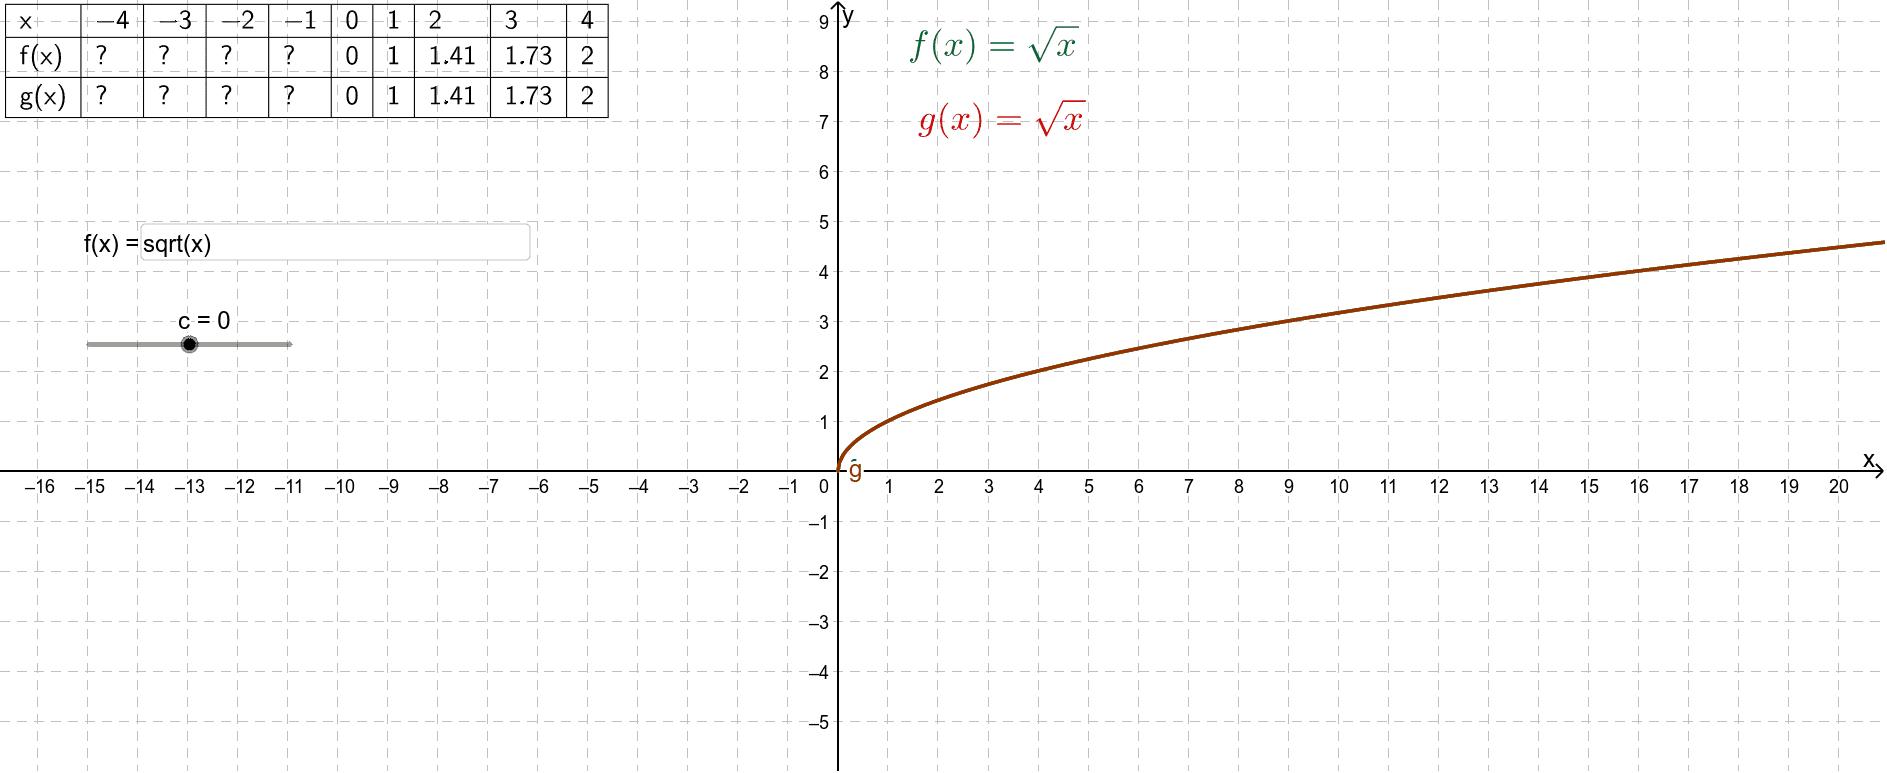 Wijzig met de schuifknop de waarde van c. In het invulvak kun je een andere elementaire functie invoeren.